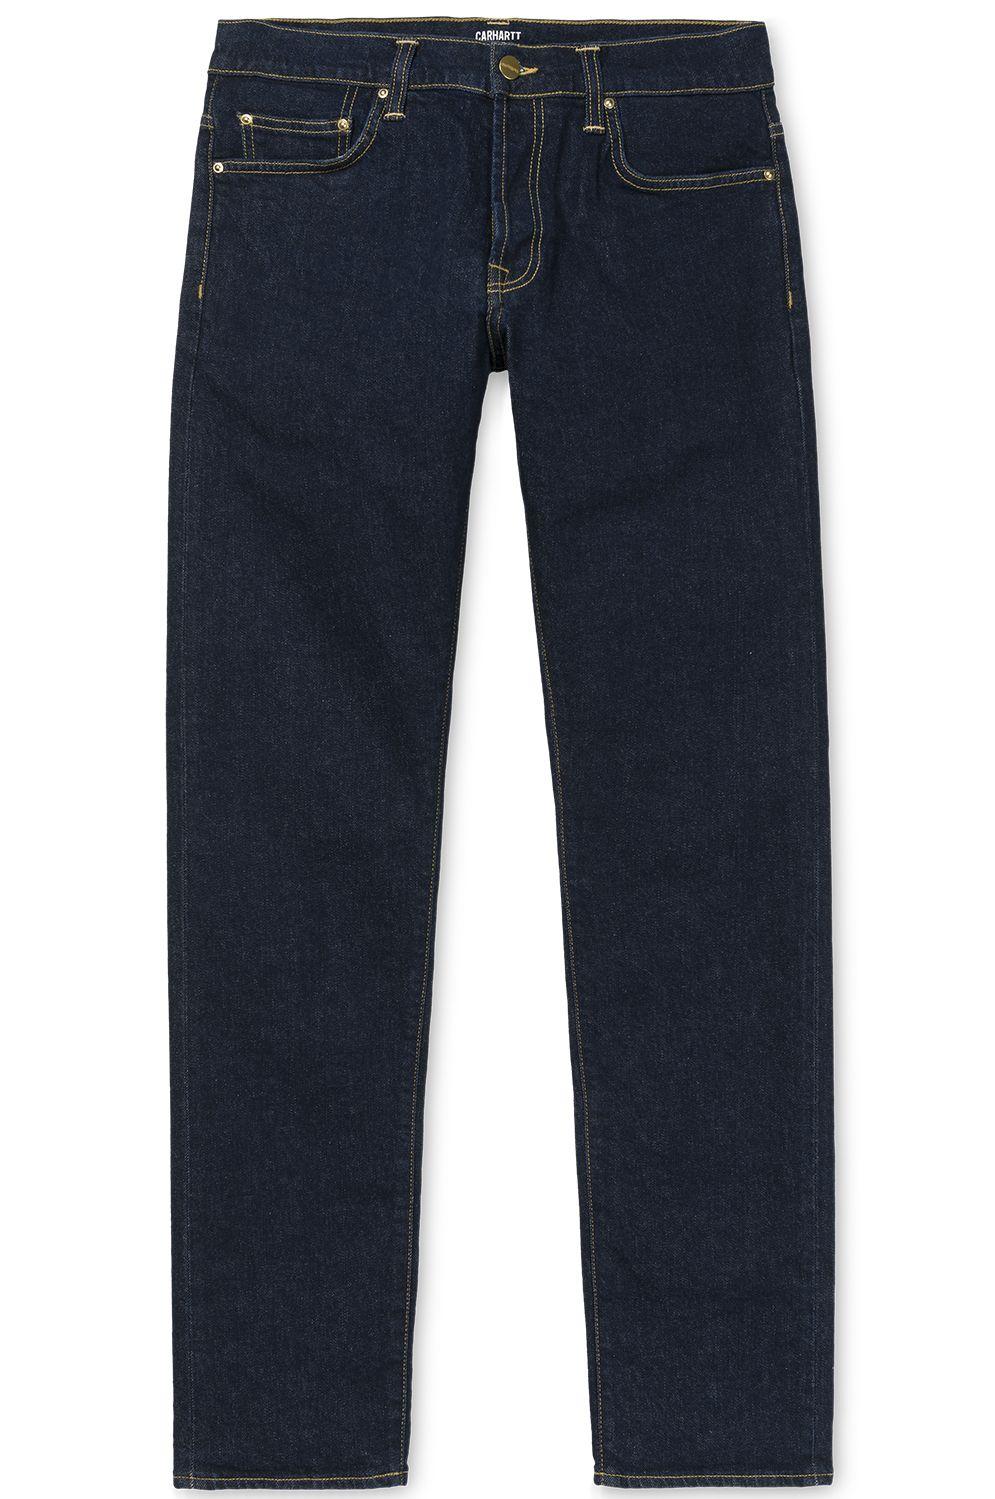 Carhartt WIP Pant Jeans KLONDIKE Blue Rinsed